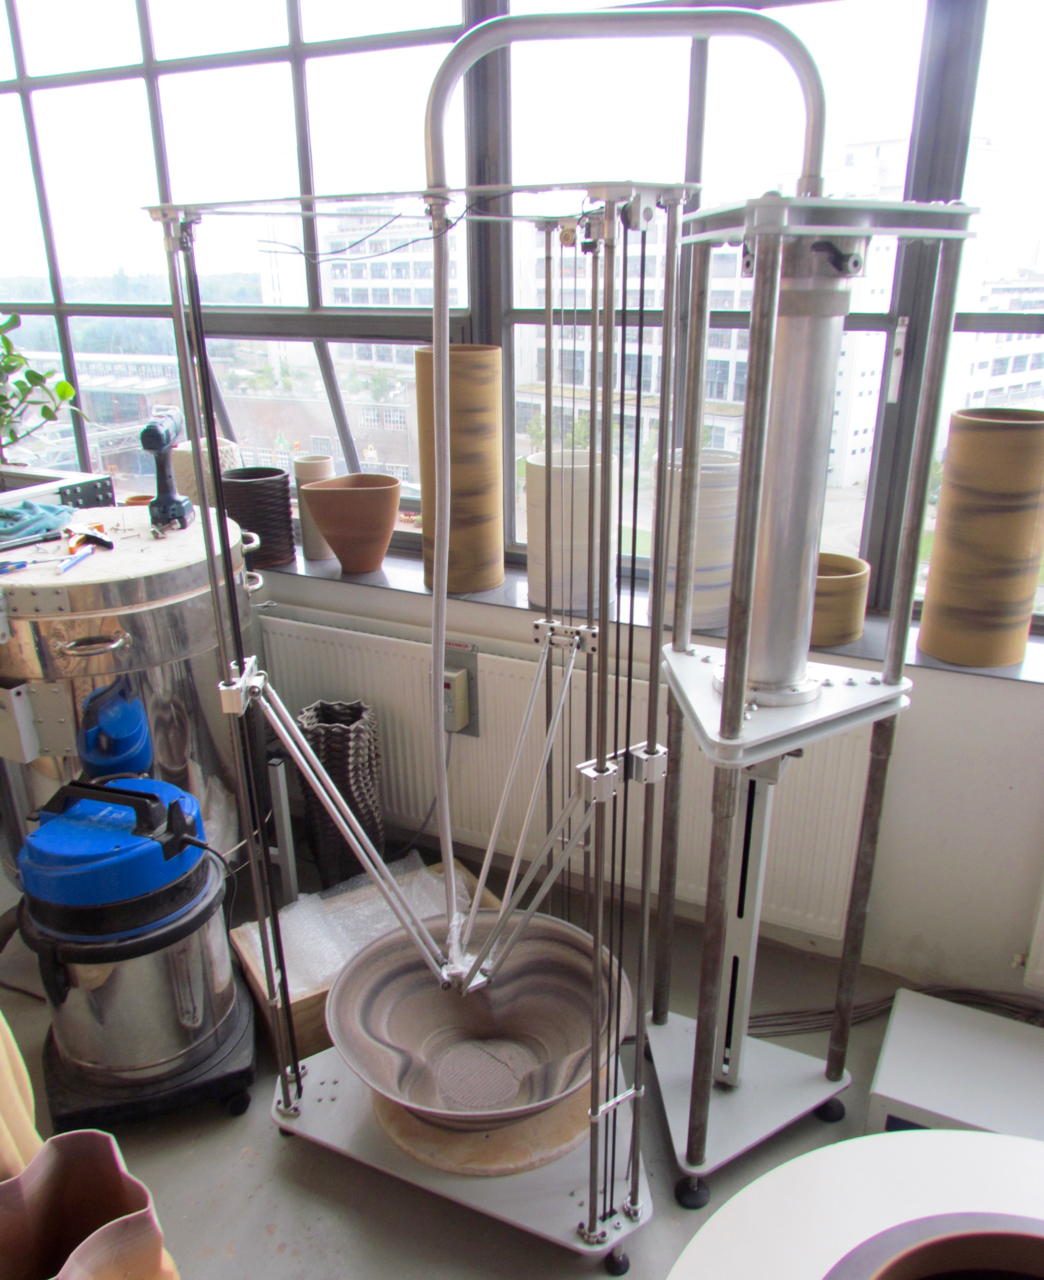 Olivier van Herpt's prototype ceramic 3D printer